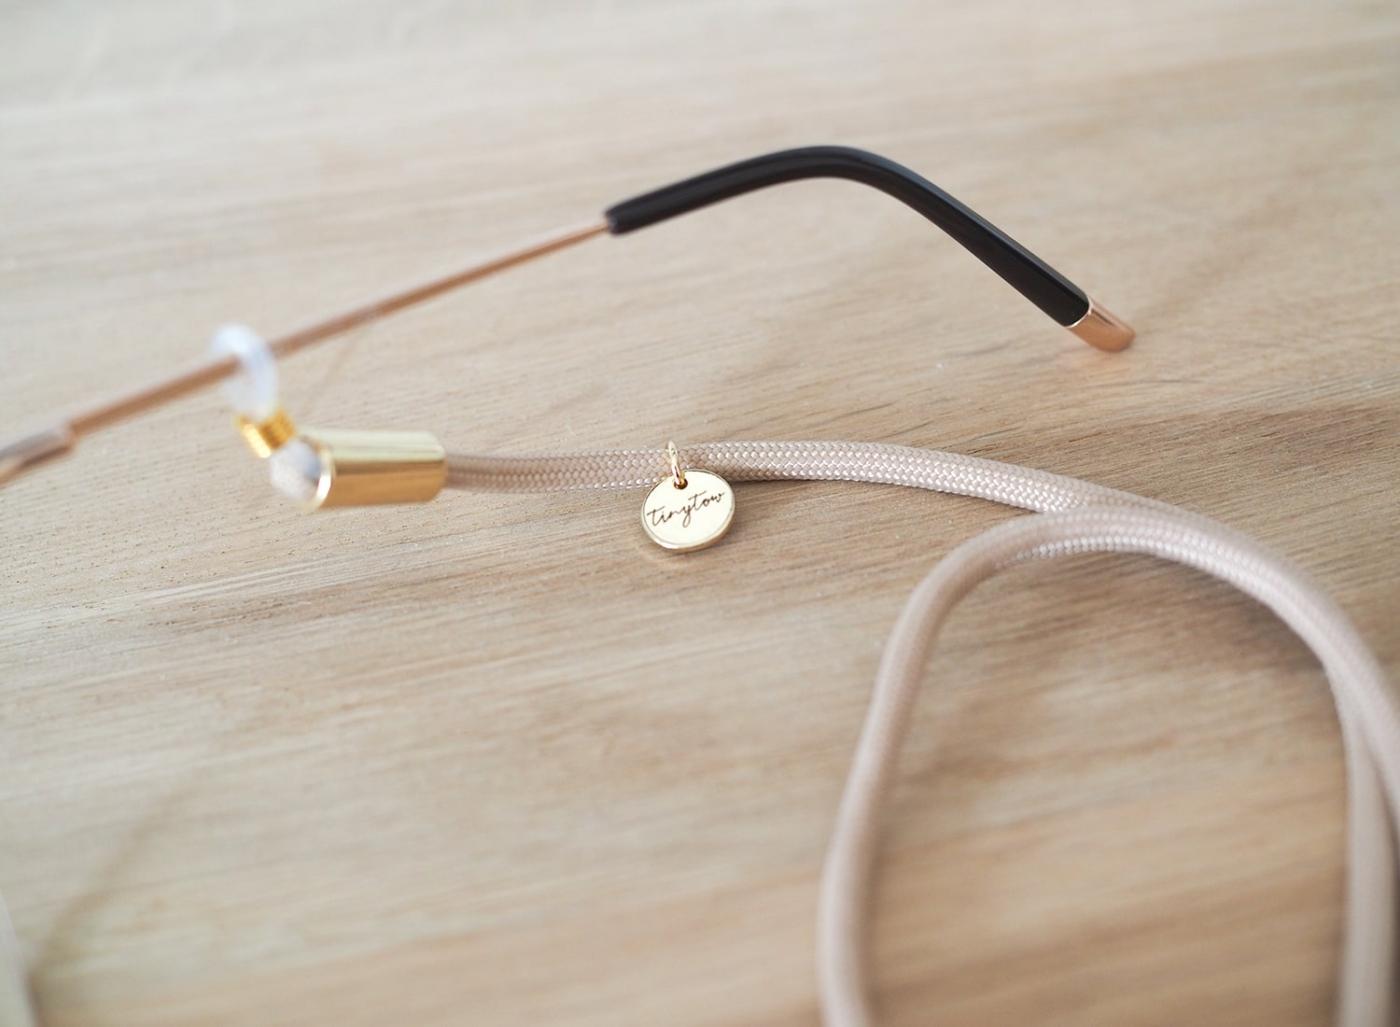 Brillenband aus beigefarbenem Tau und goldenen Details